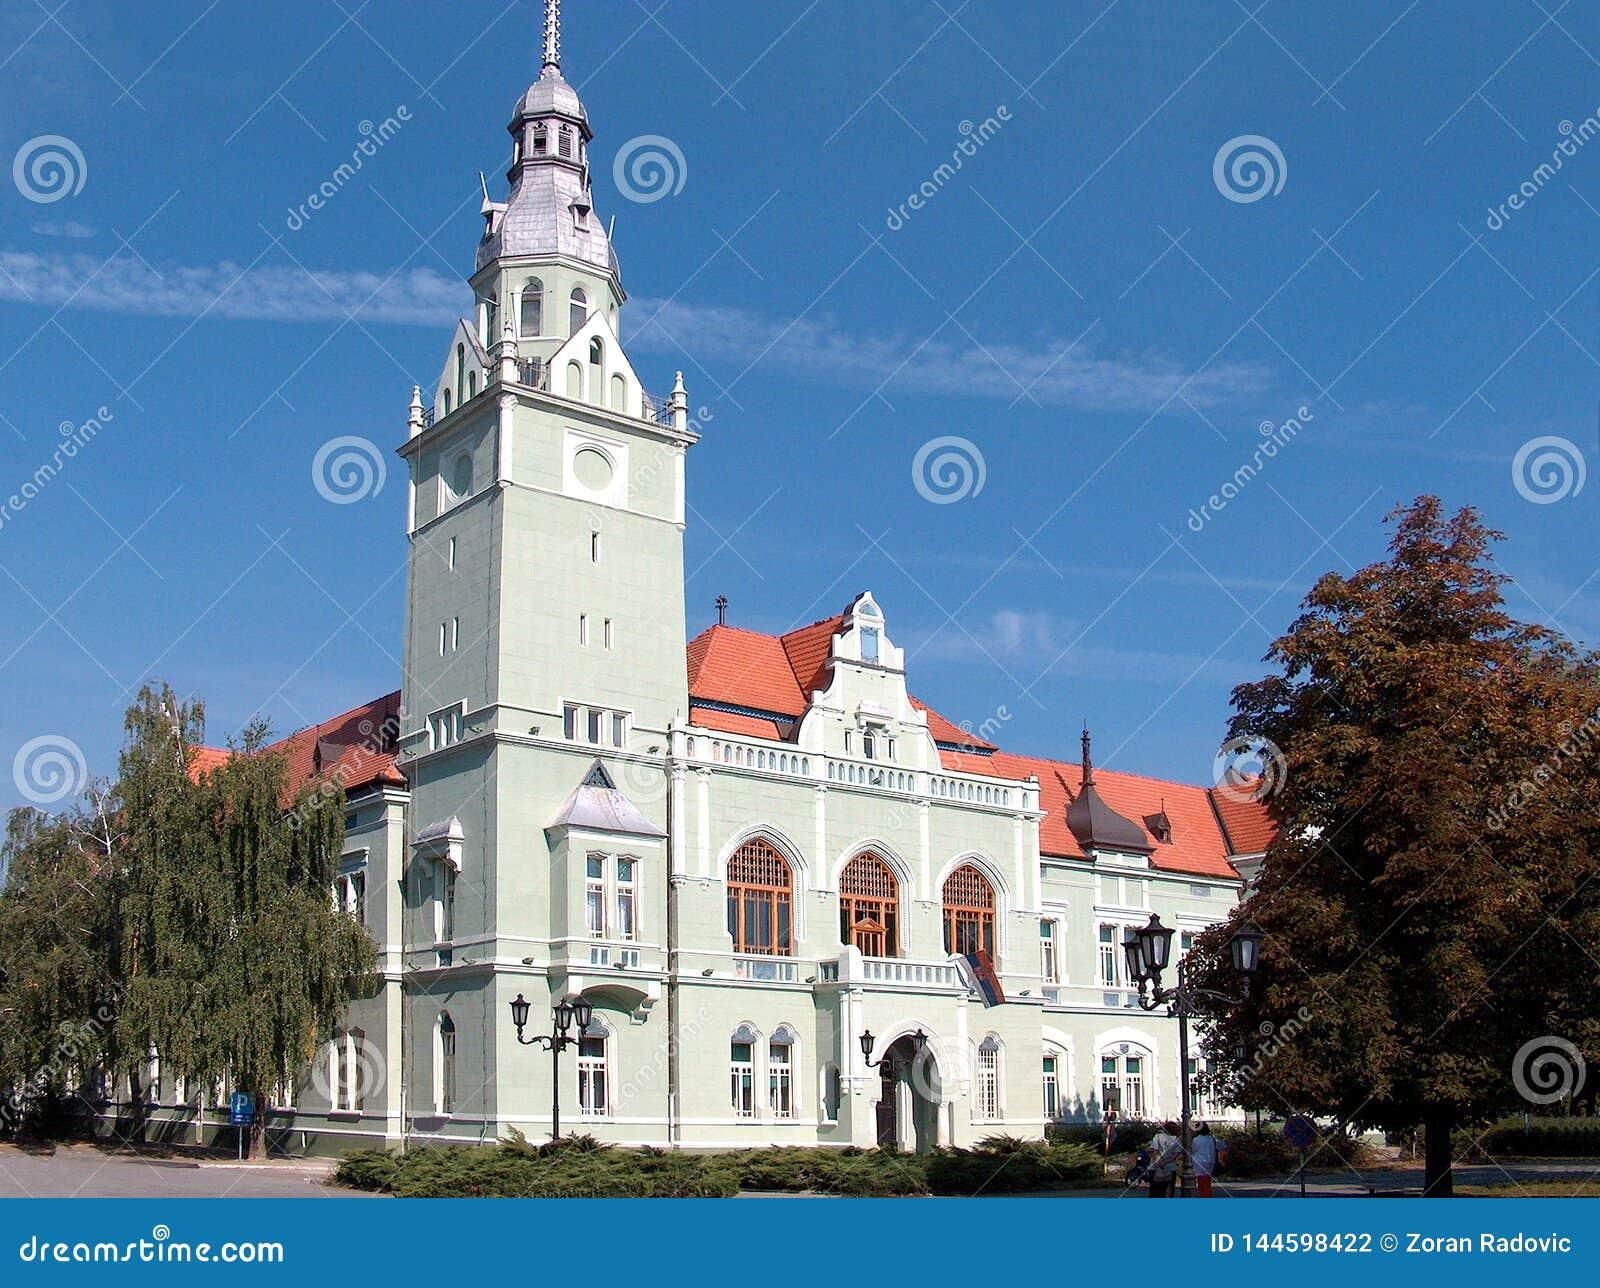 Die Hauptstraße der Stadt von Apatin, Vojvodina, Serbien